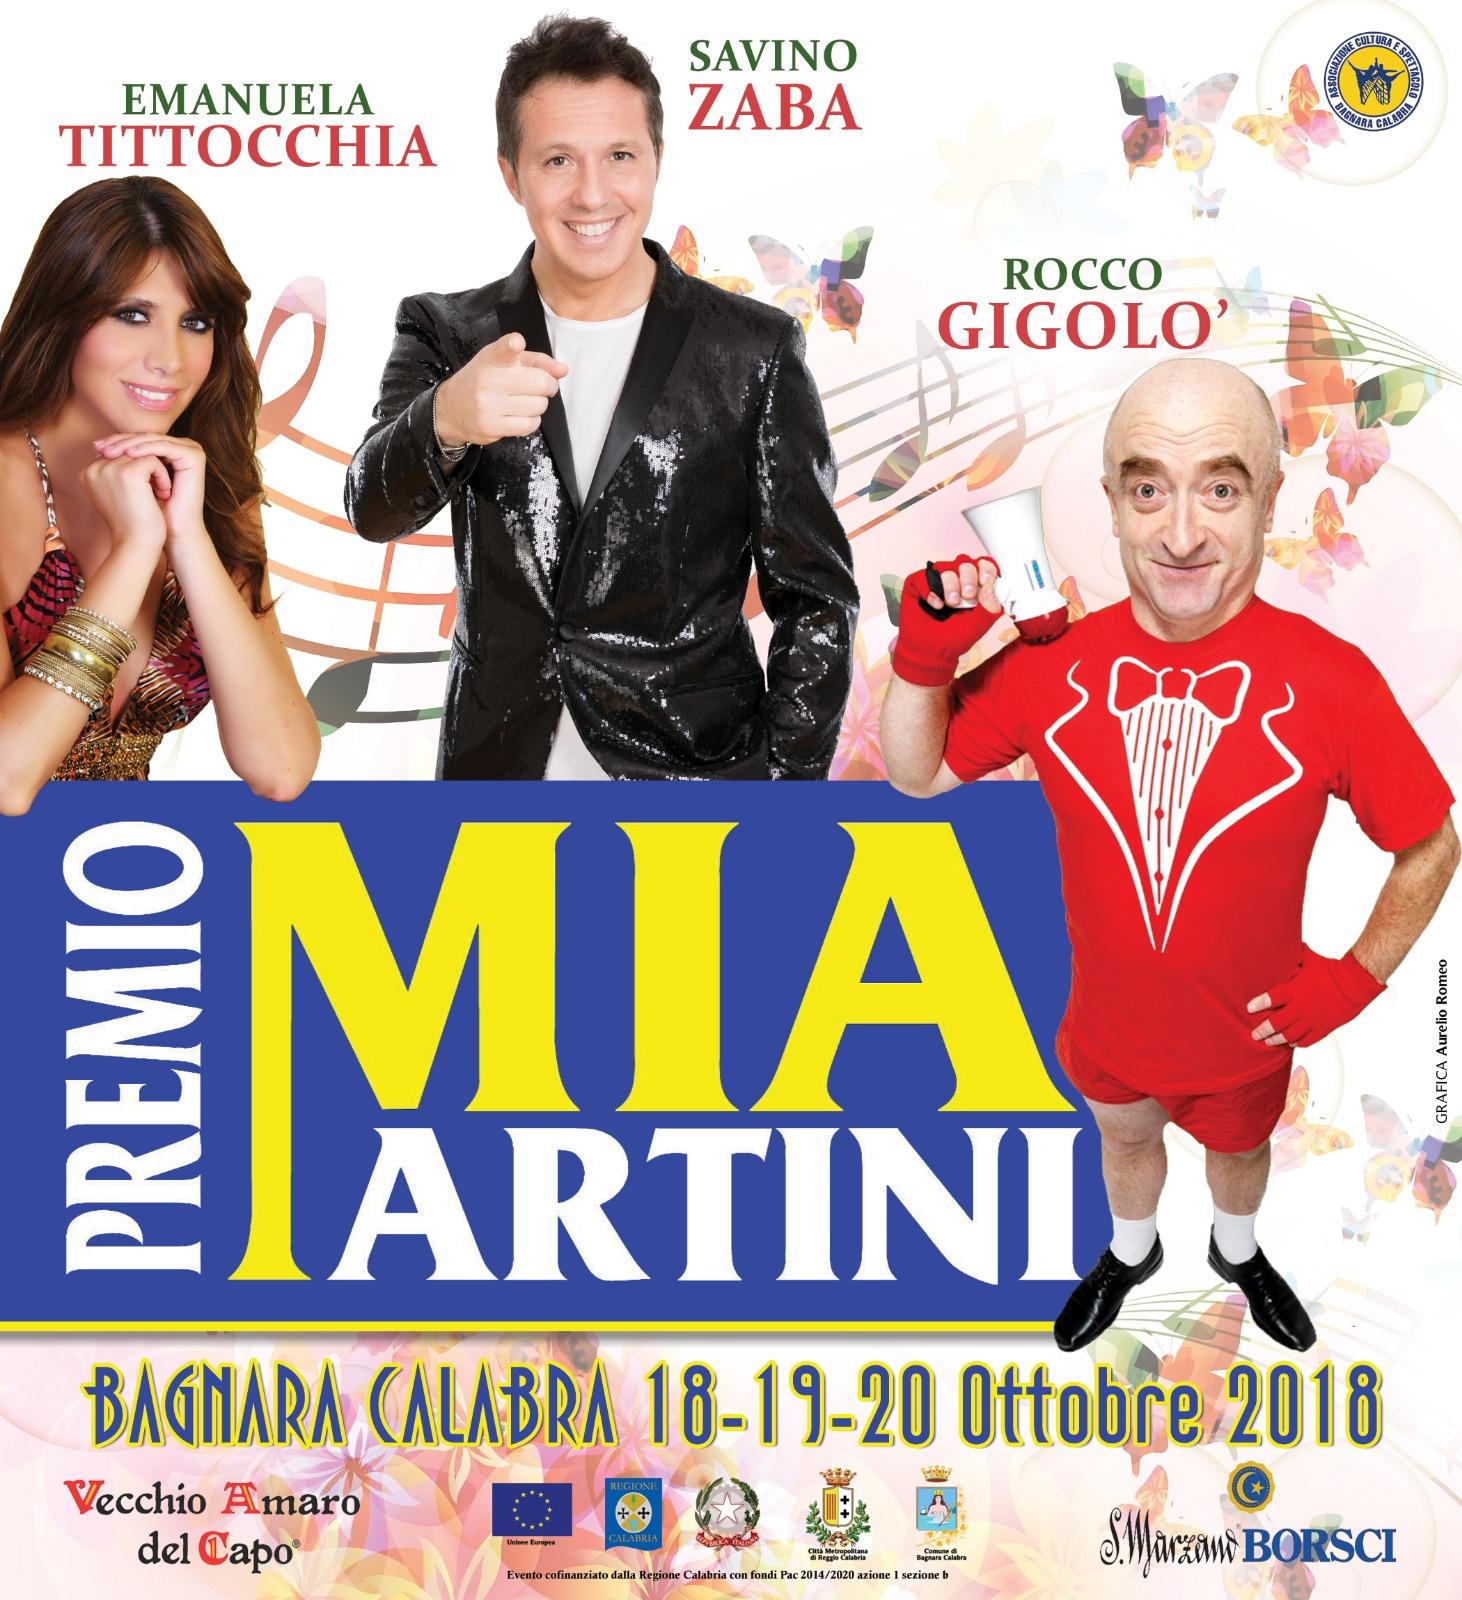 Premio-Mia Martini-2018-radio-gioiosa-marina